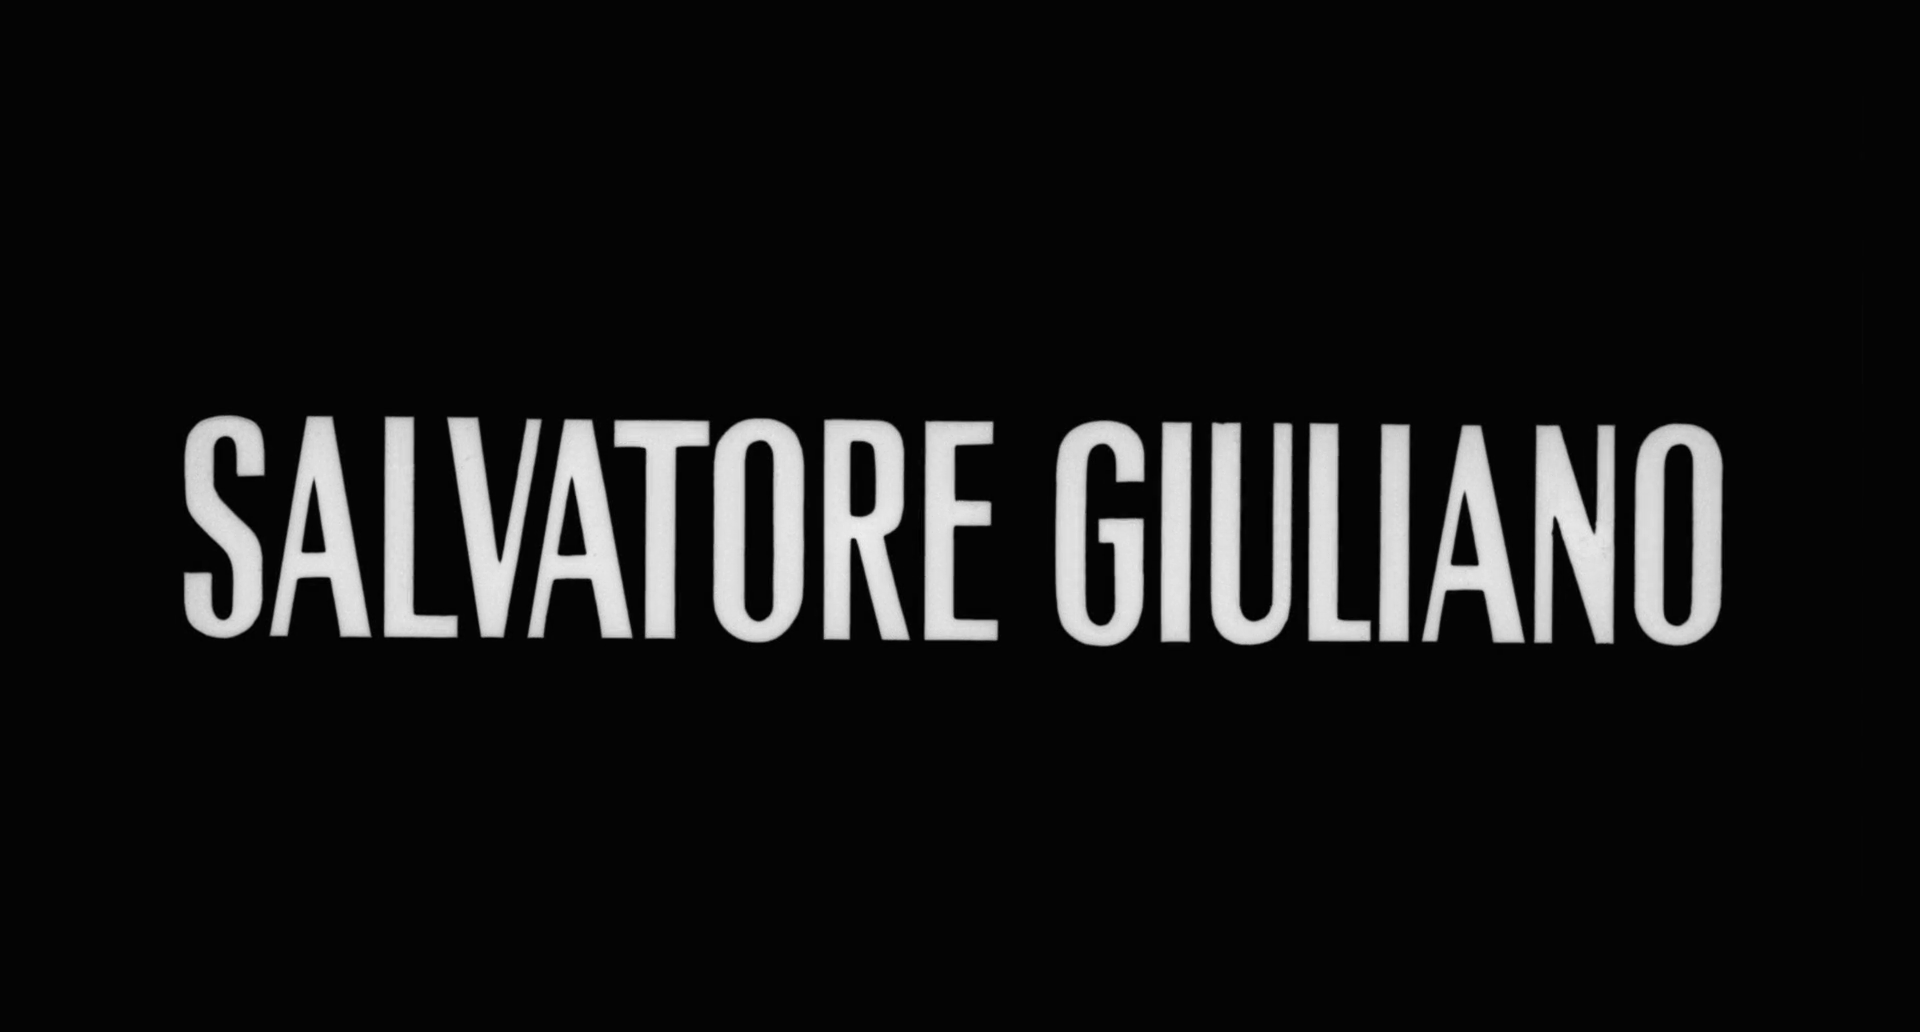 Wer erschoss Salvatore G.?